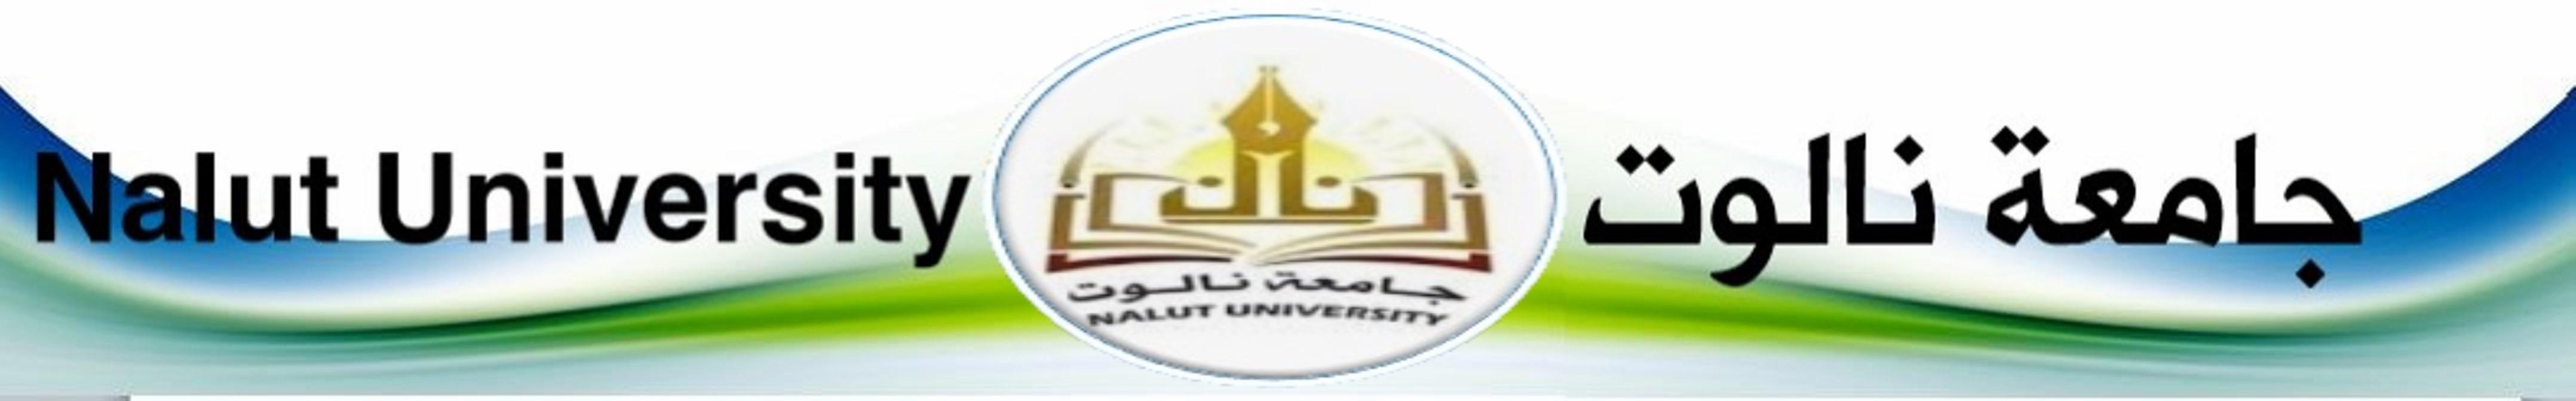 جامعة نالوت